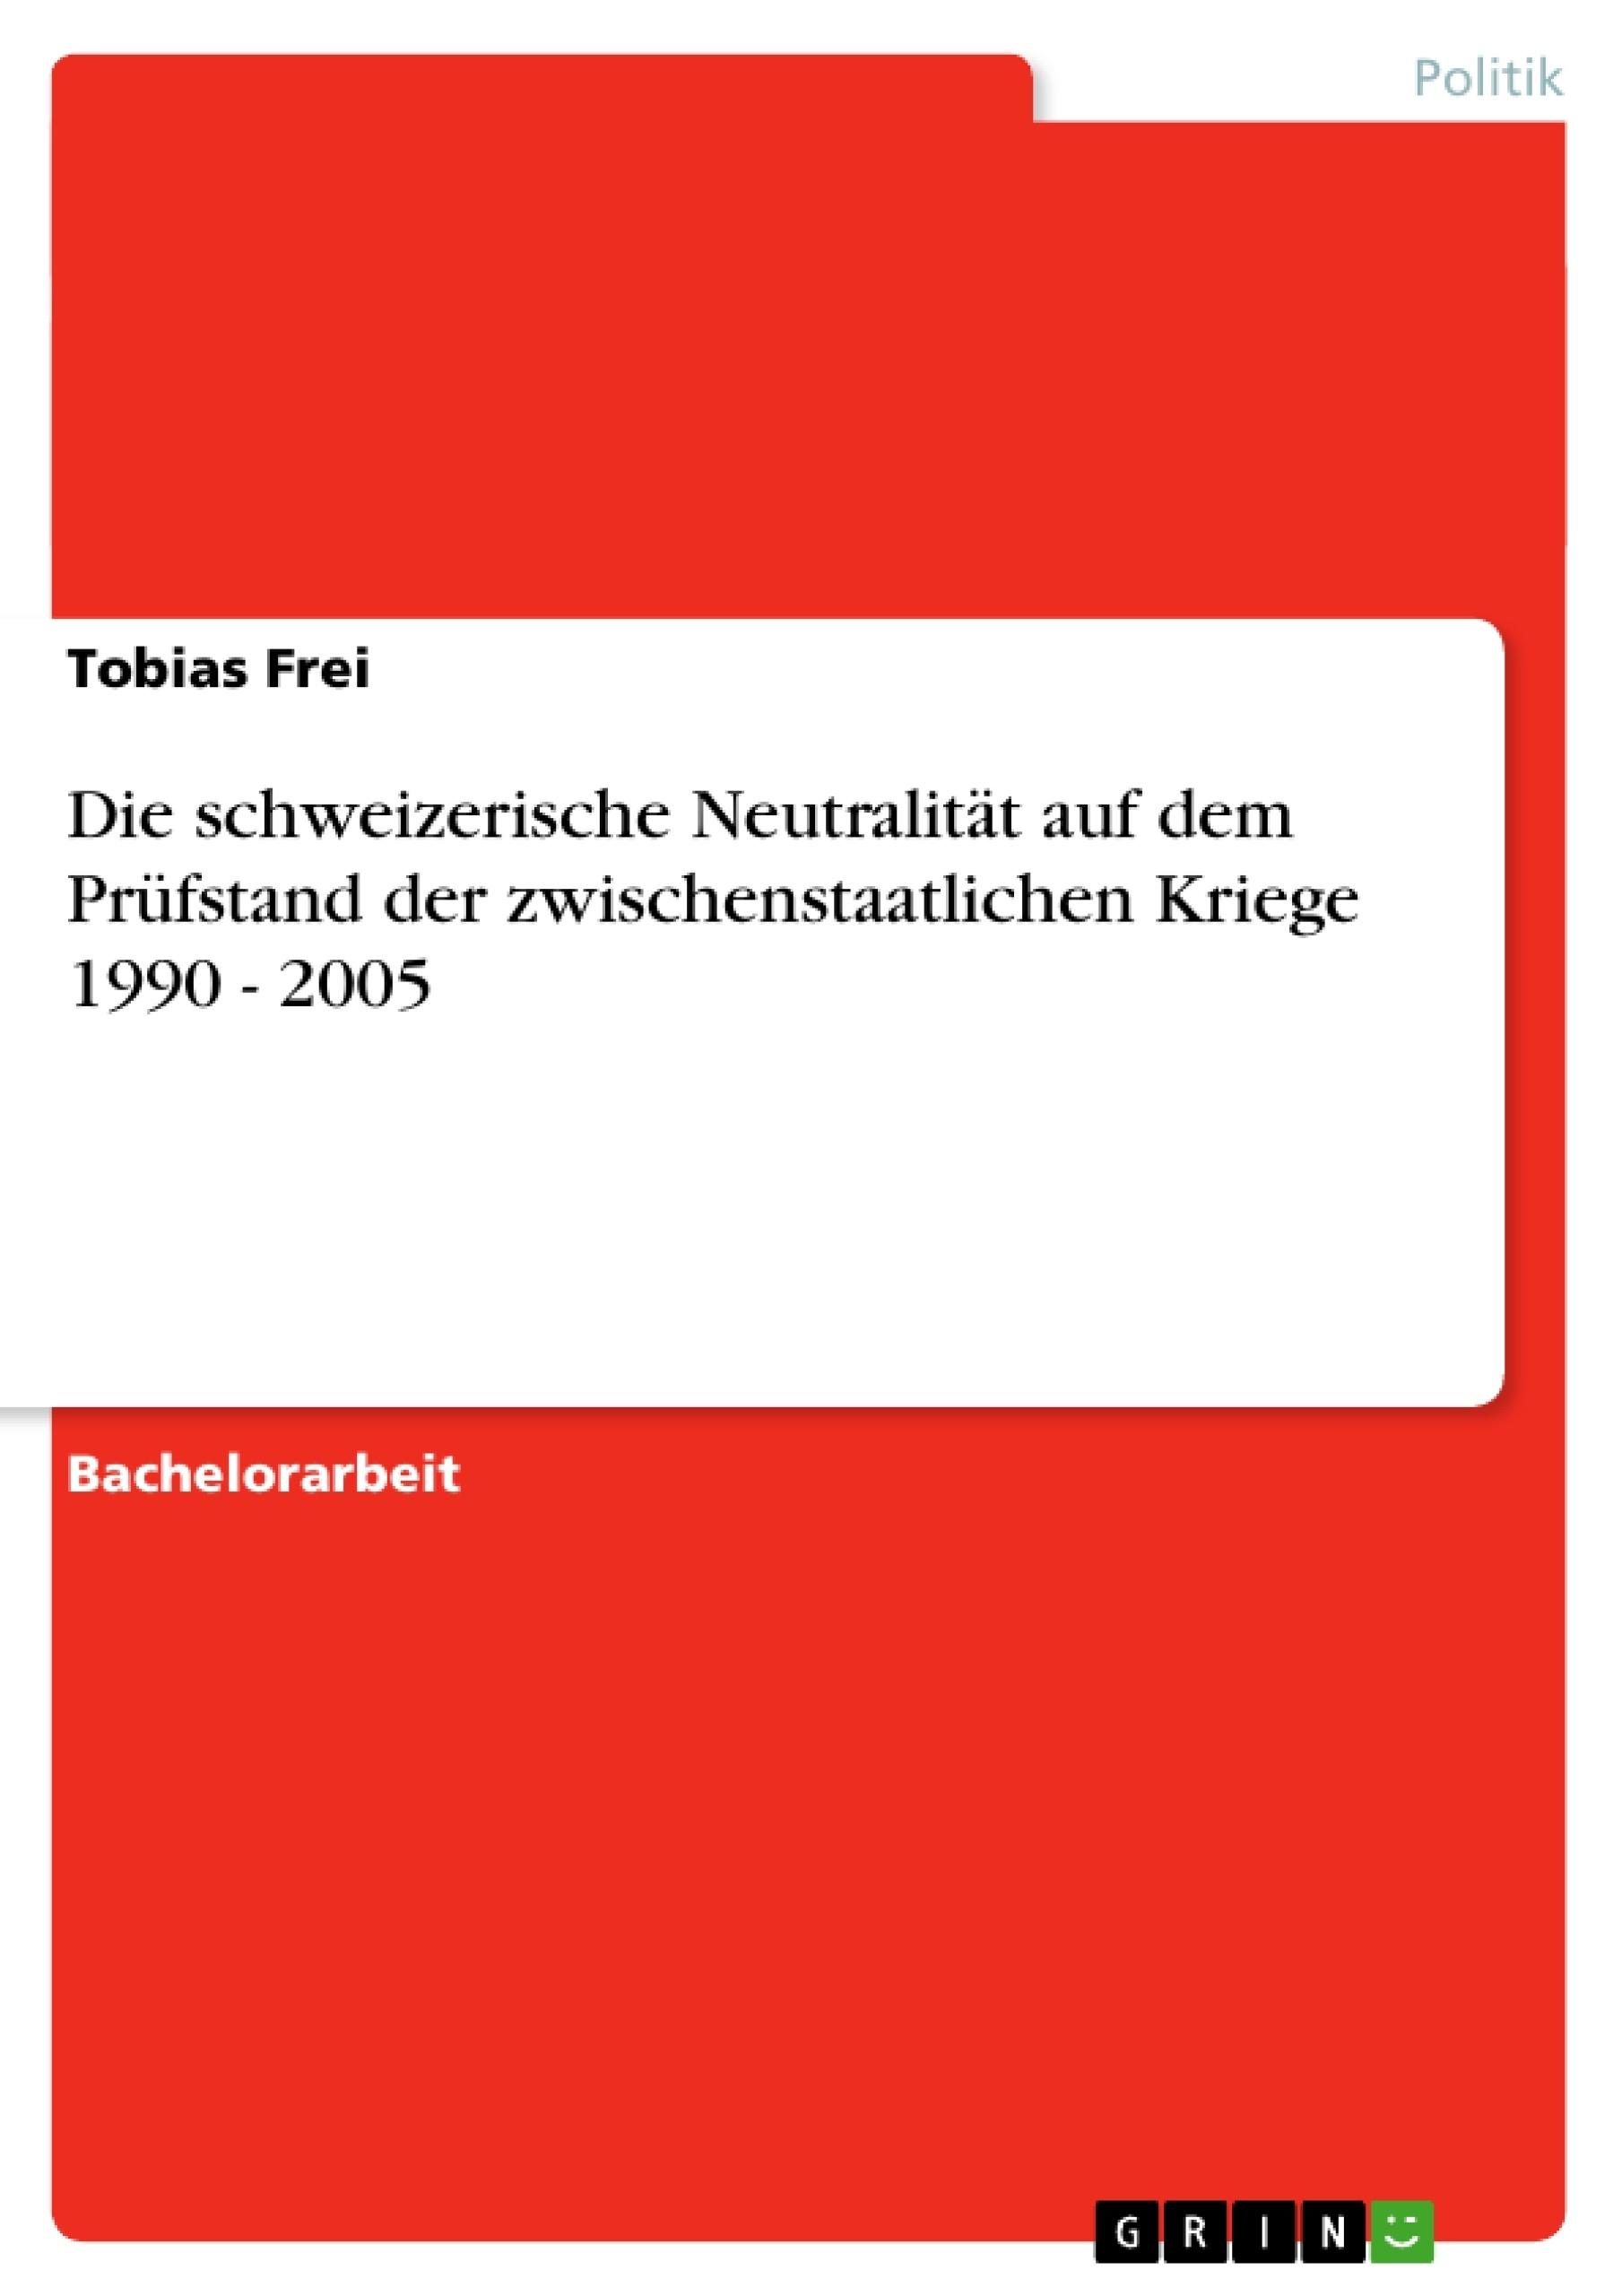 Titel: Die schweizerische Neutralität auf dem Prüfstand der zwischenstaatlichen Kriege 1990 - 2005